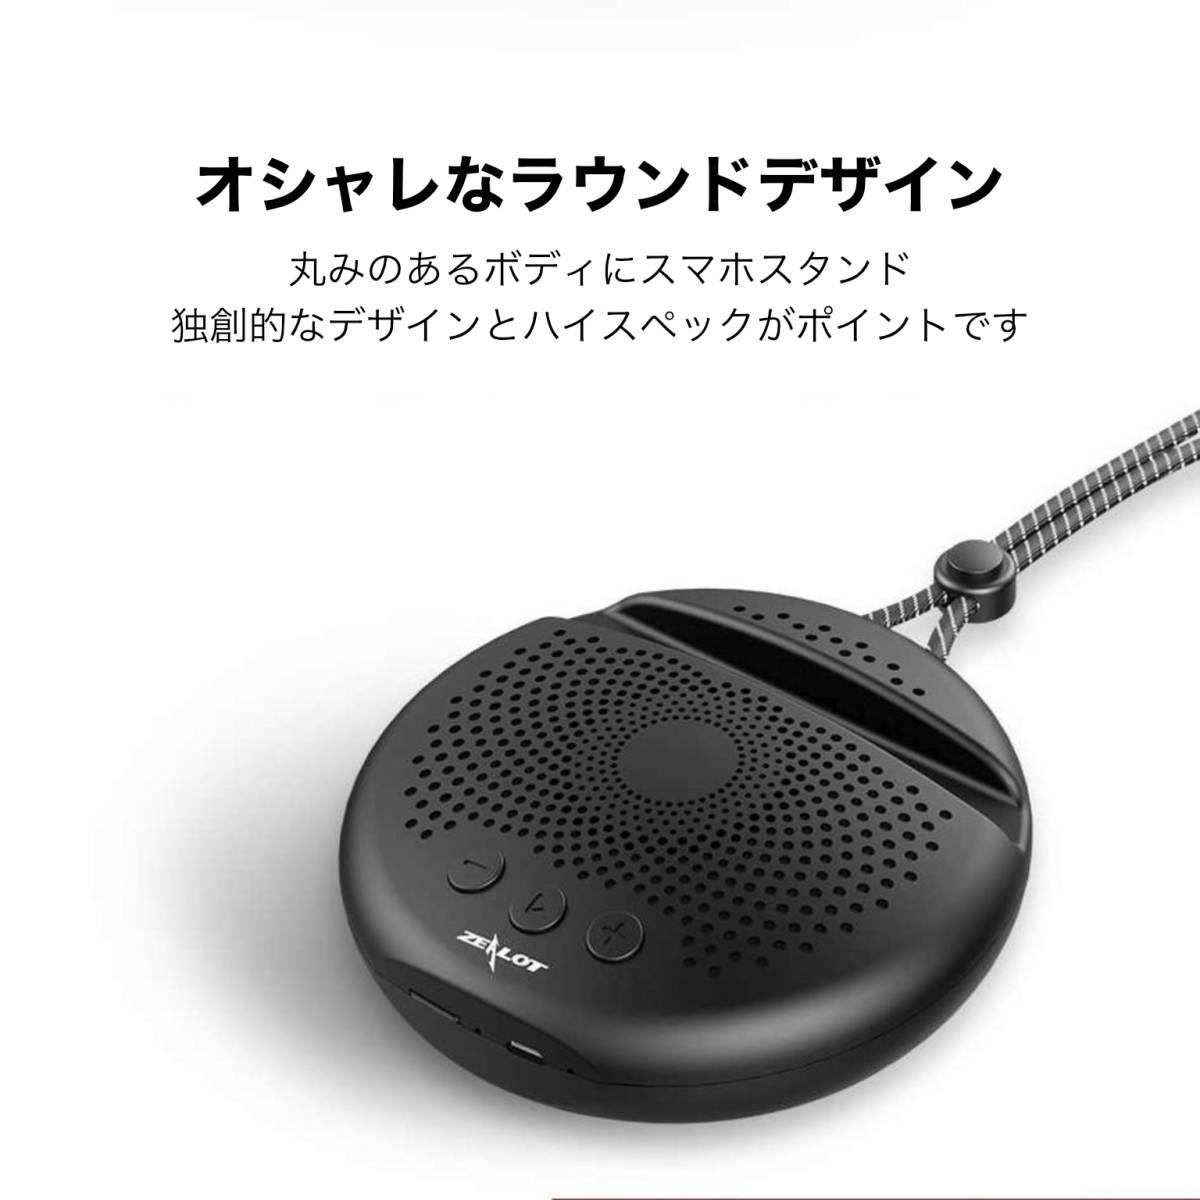 スピーカー ブルートゥース ワイヤレス ポータブル Bluetooth5.0 iPhone Android スタンド 高音質 防水 重低音 タブレット 送料無料_画像5